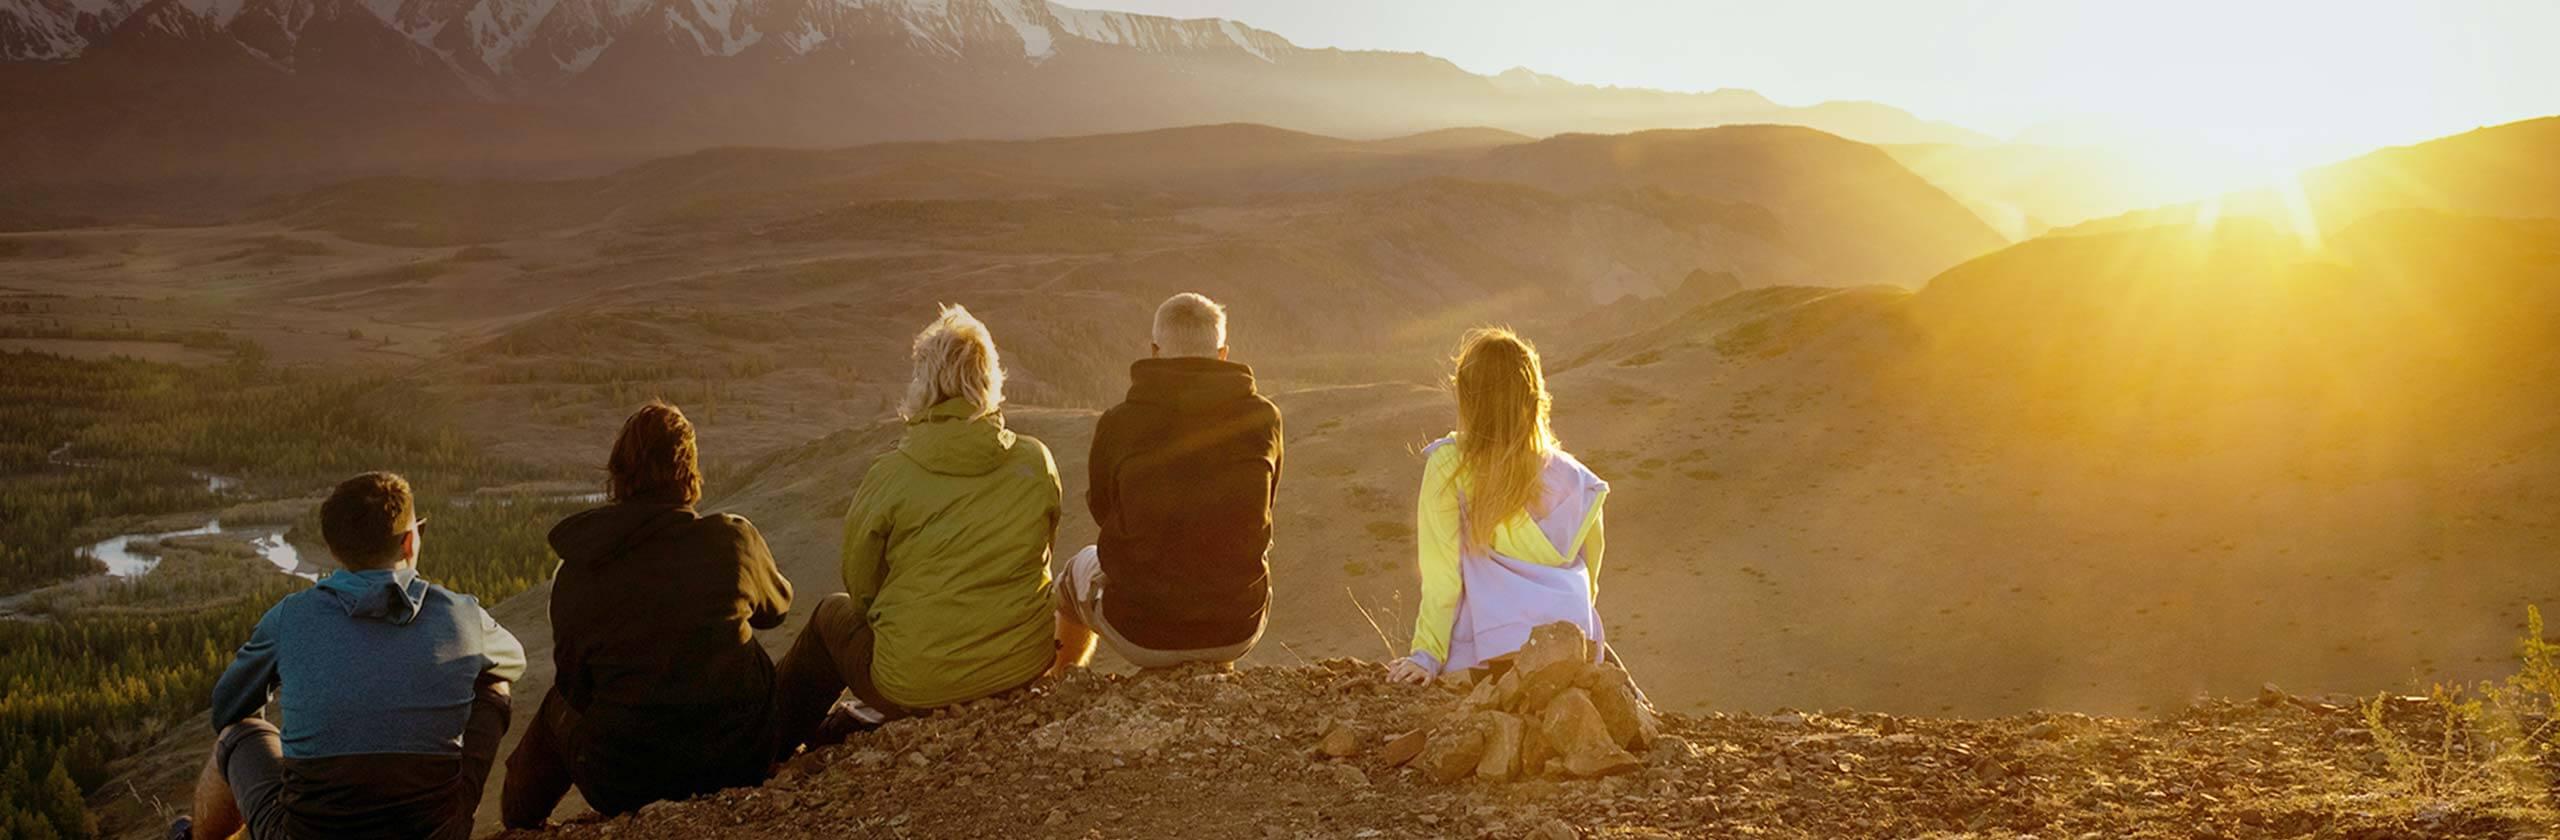 산의 풍경을 감상하는 가족